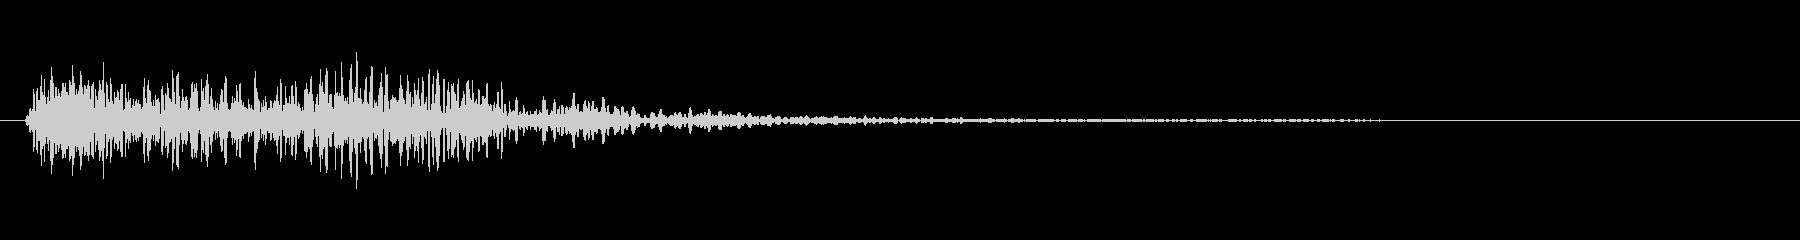 ブッ(不正解、キャンセル)の未再生の波形